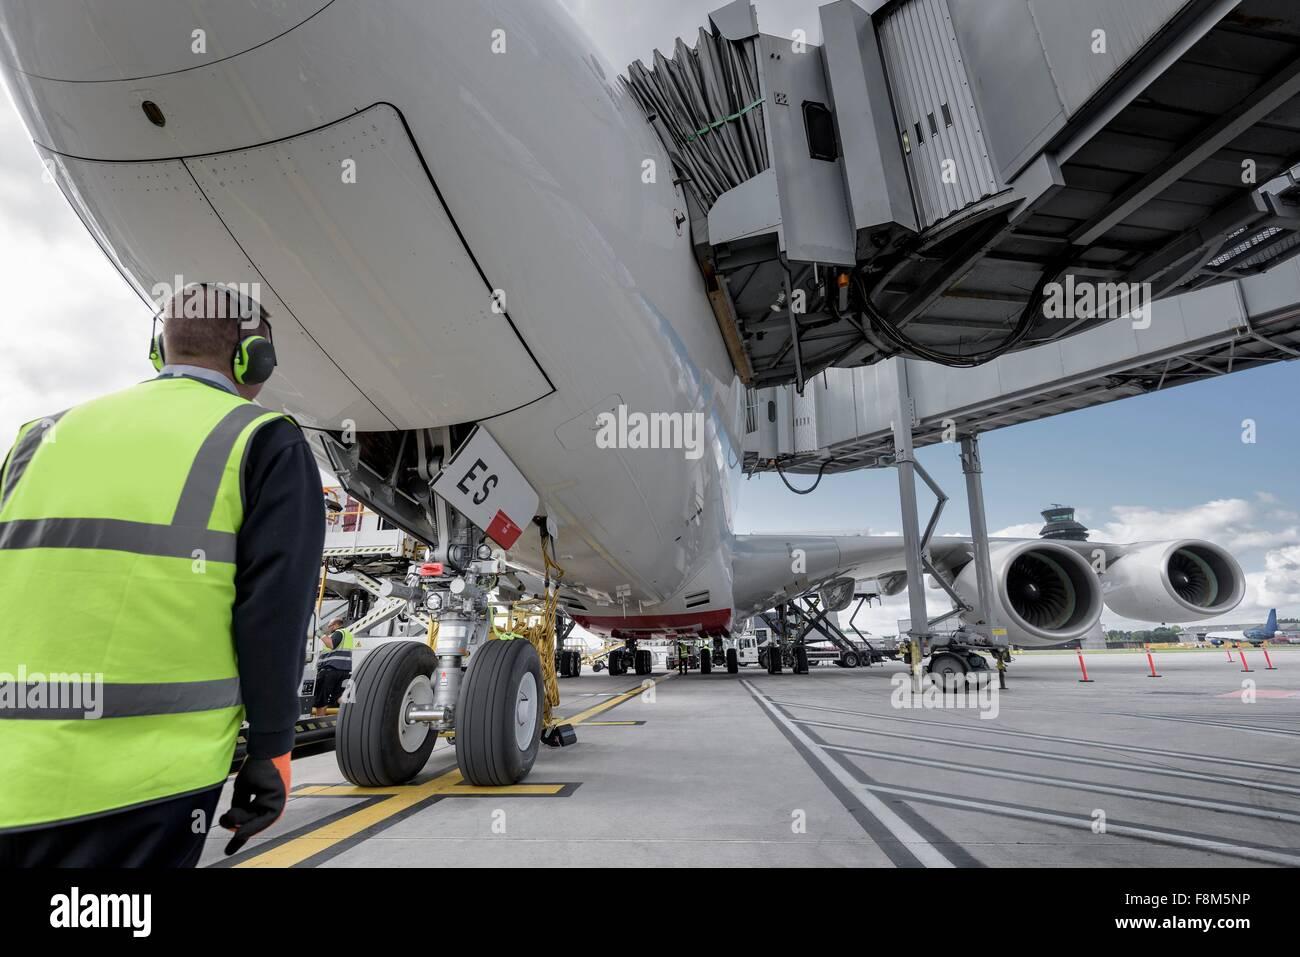 Ingegnere di ispezionare un380 presso lo stand in aeroporto Immagini Stock